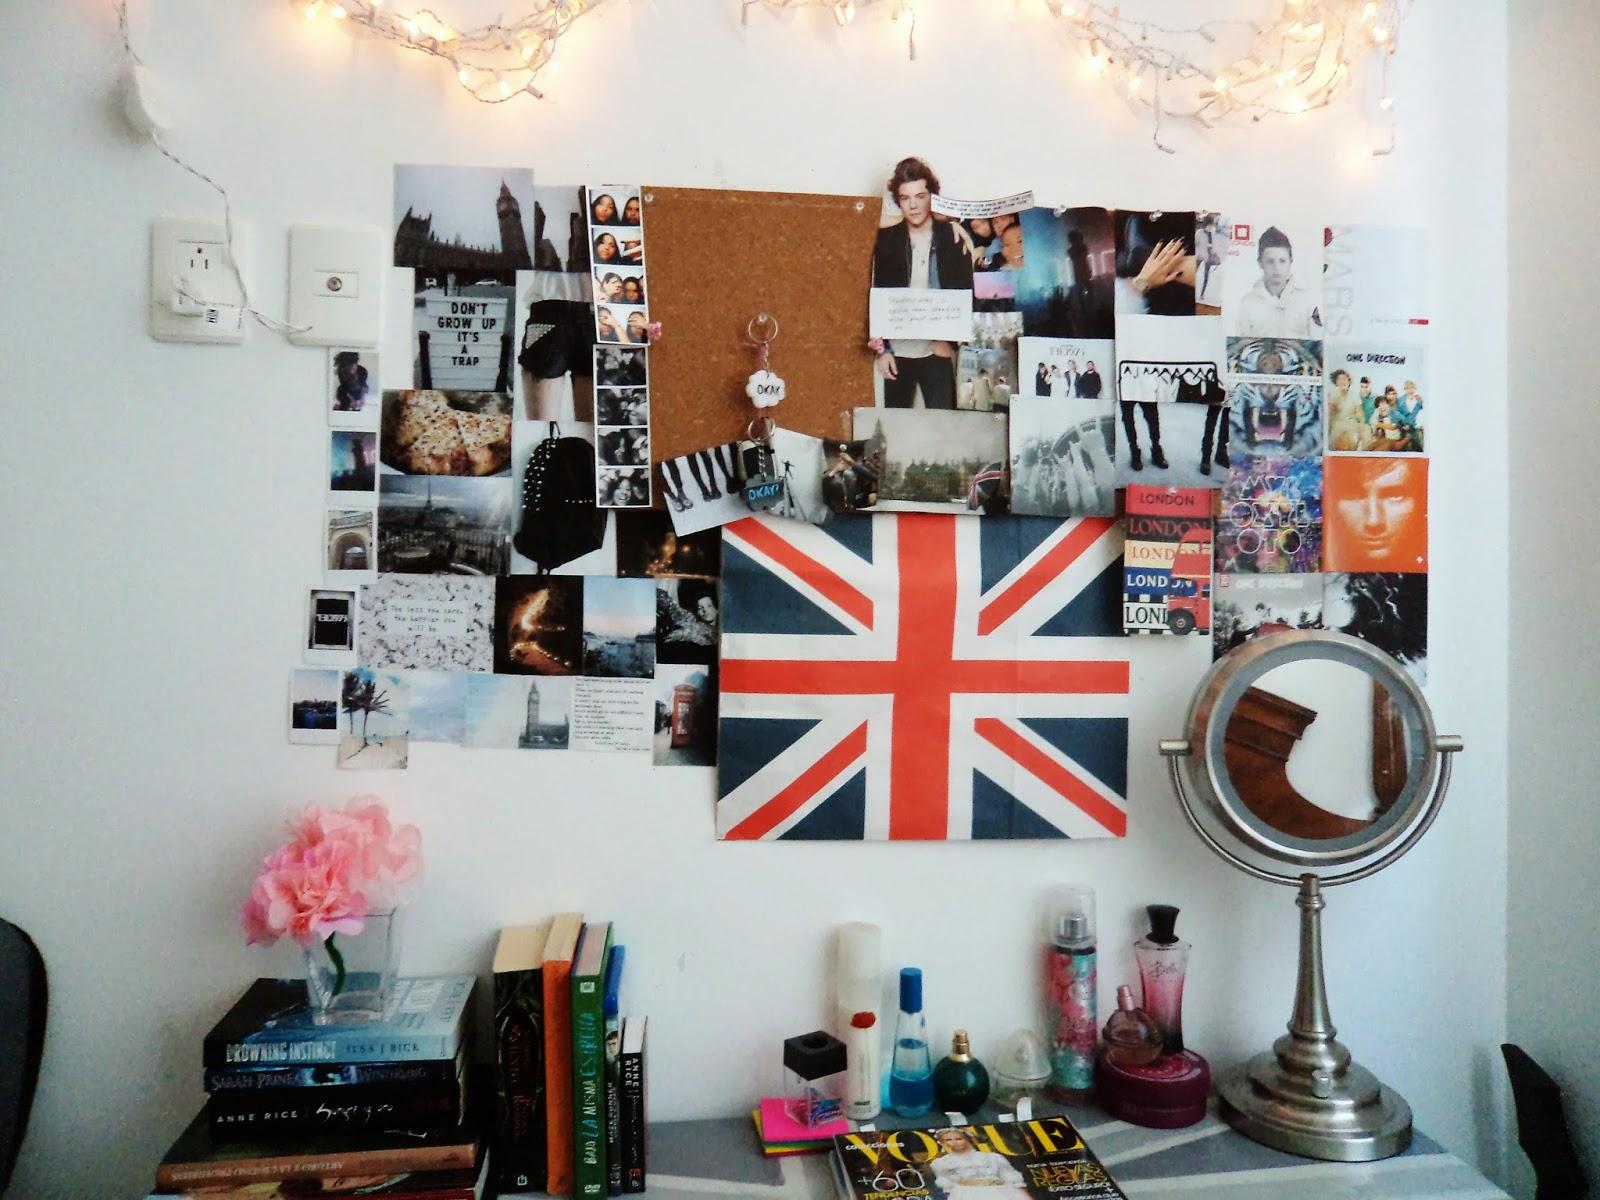 diy decora tu cuarto estilo tumblr f cil y sin gastar